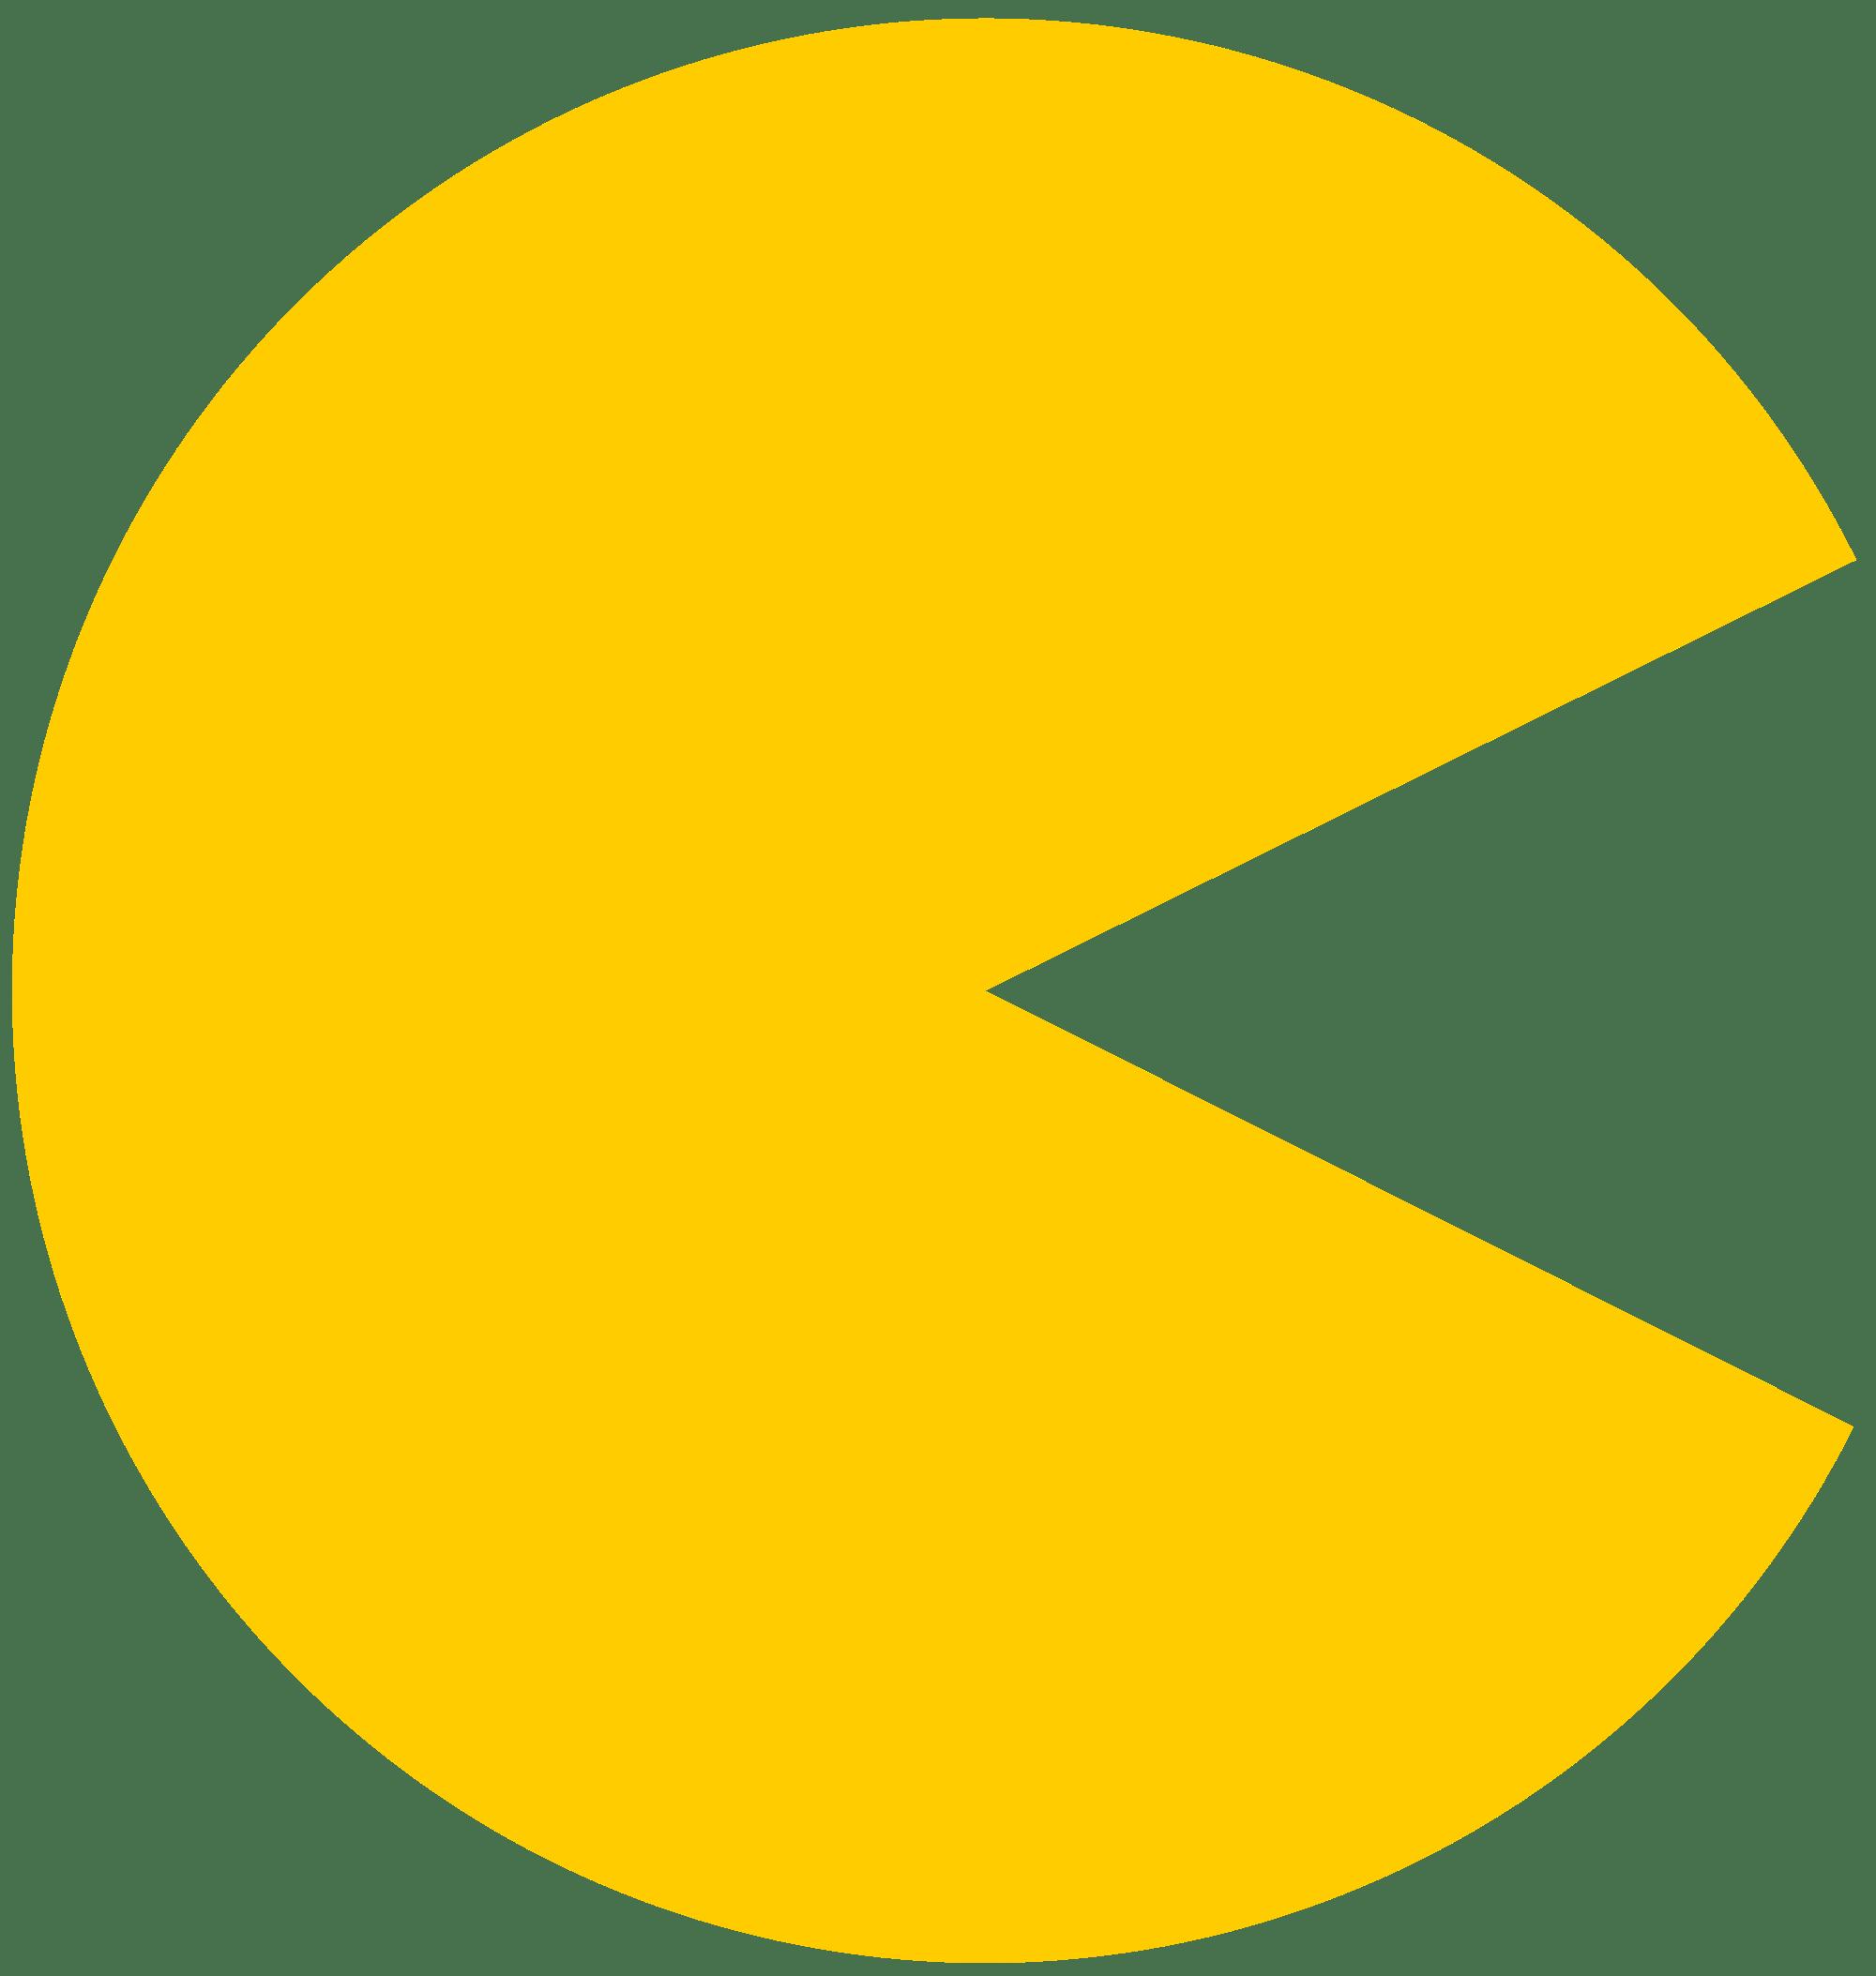 pac man plain yellow transparent png stickpng